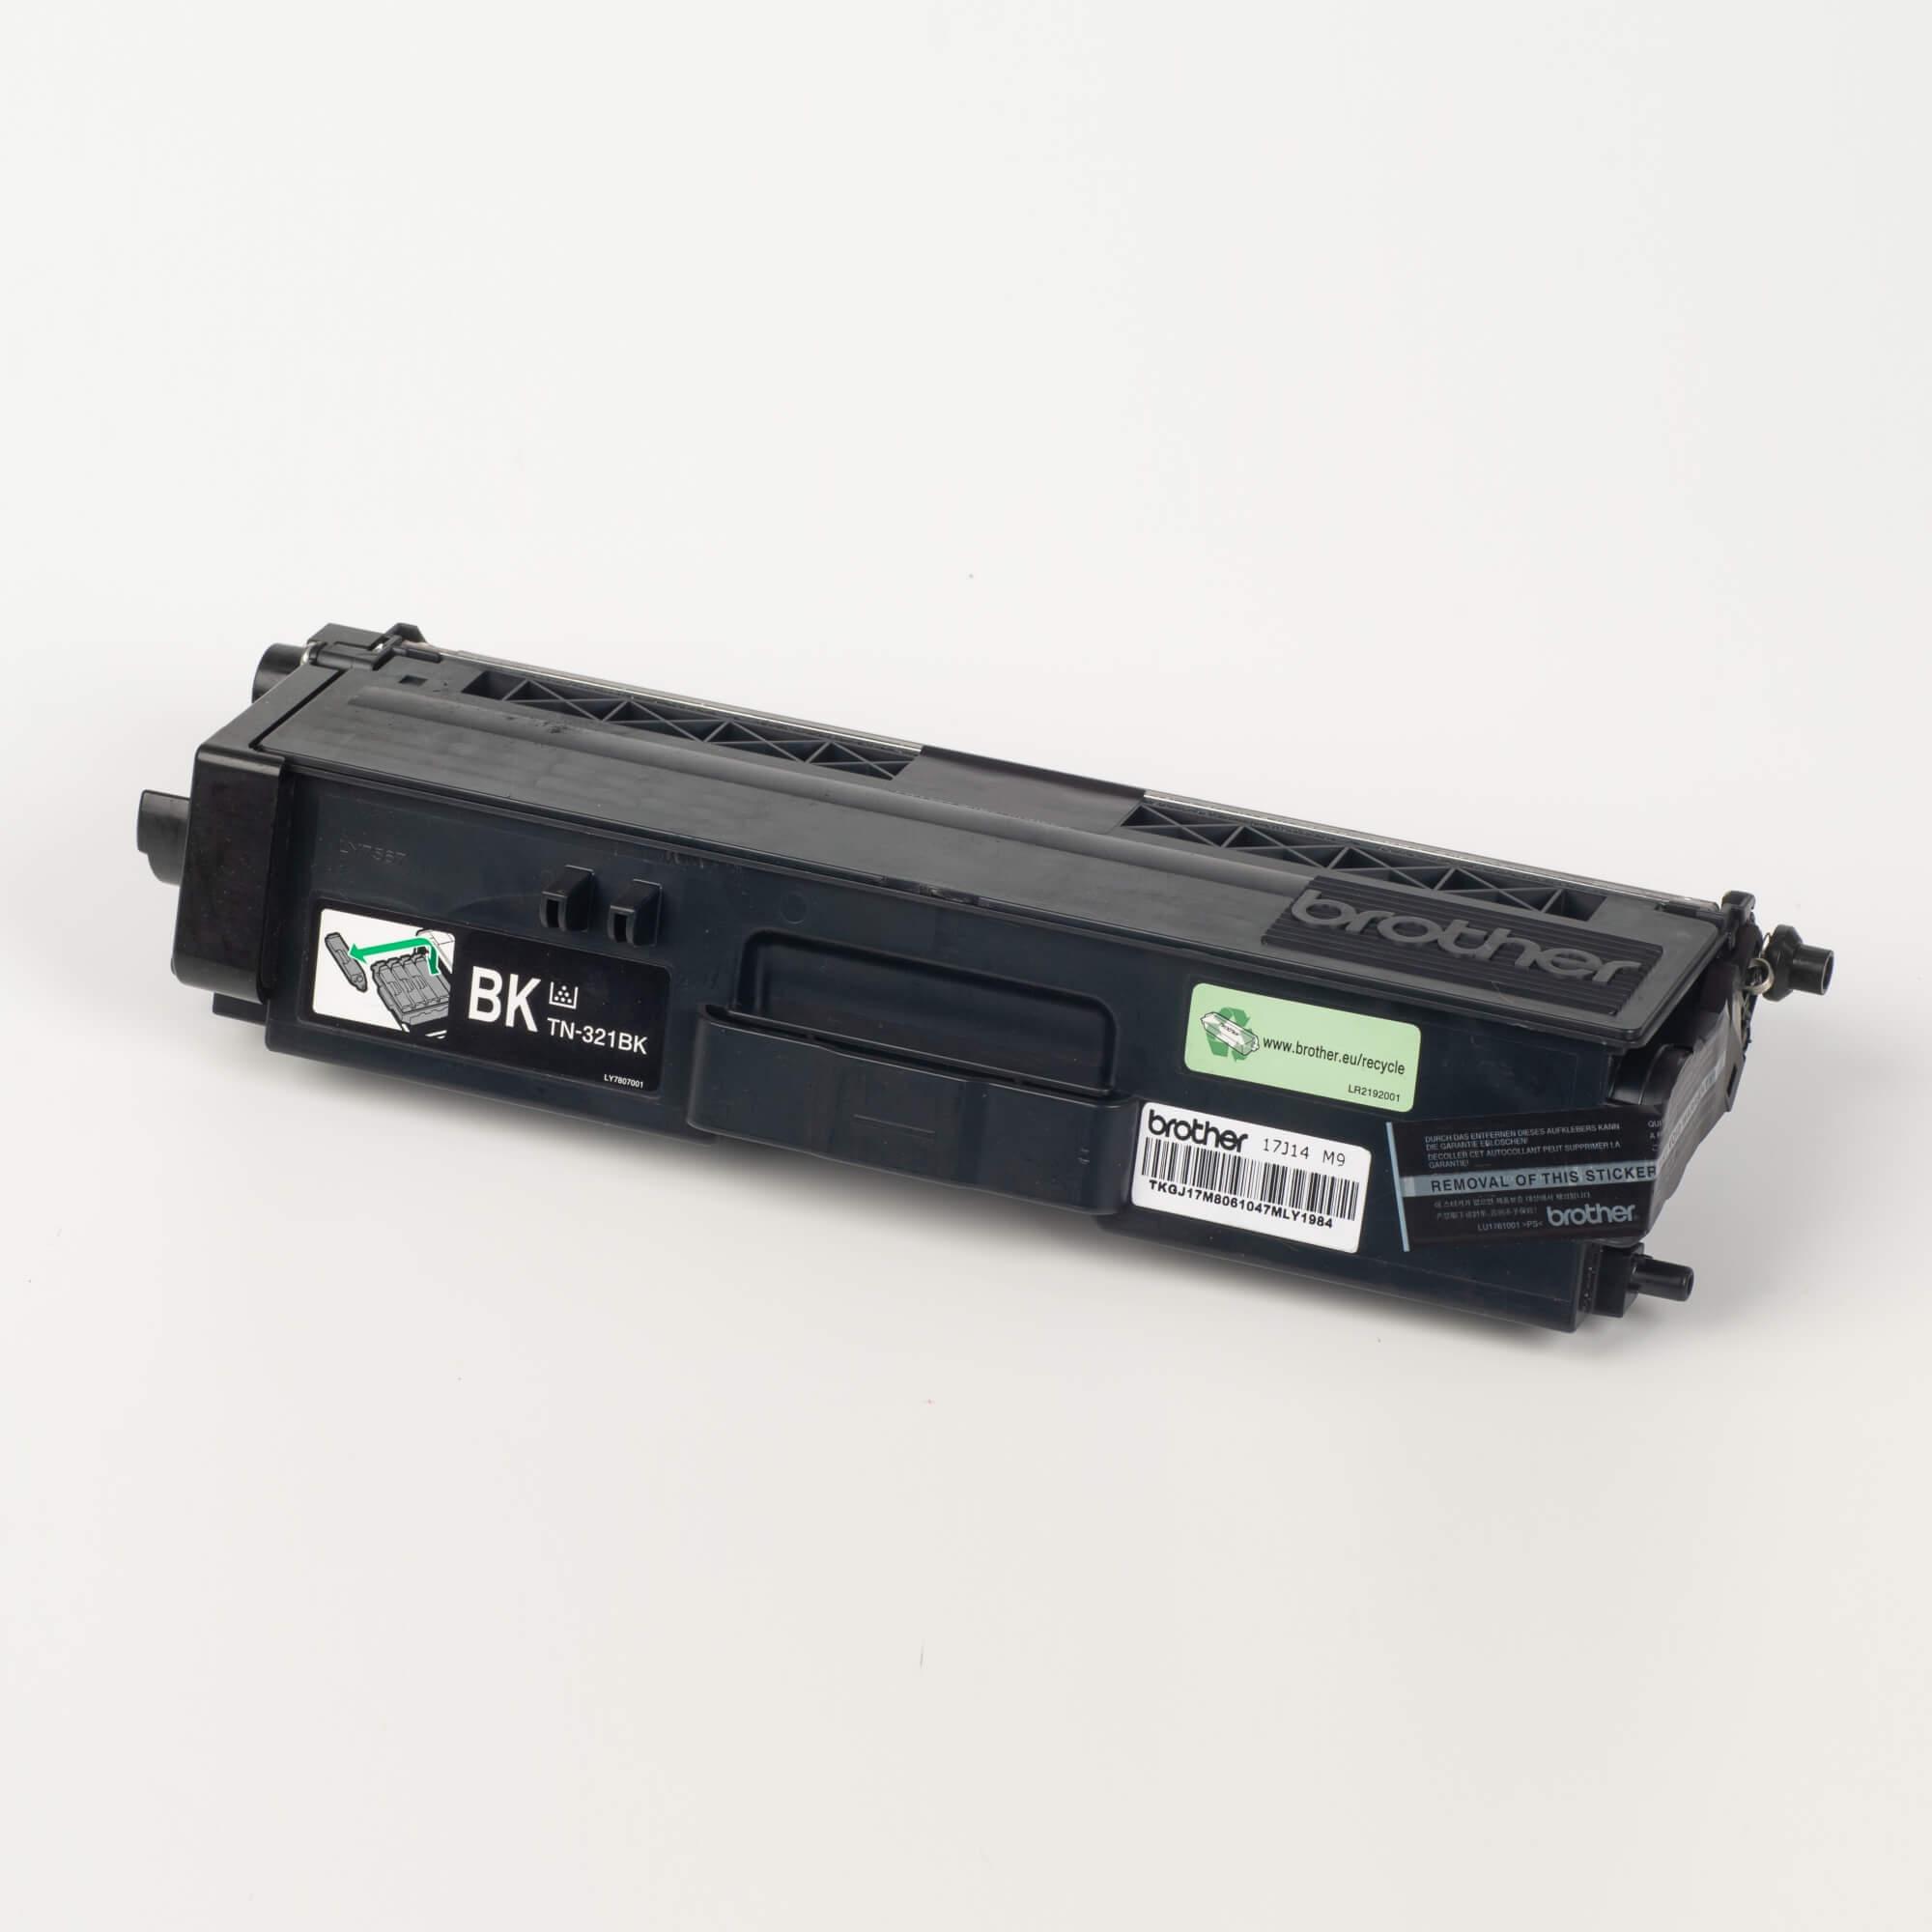 Auf dem Bild sehen Sie eine Brother TN-321BK Schwarz Original Tonerkassette